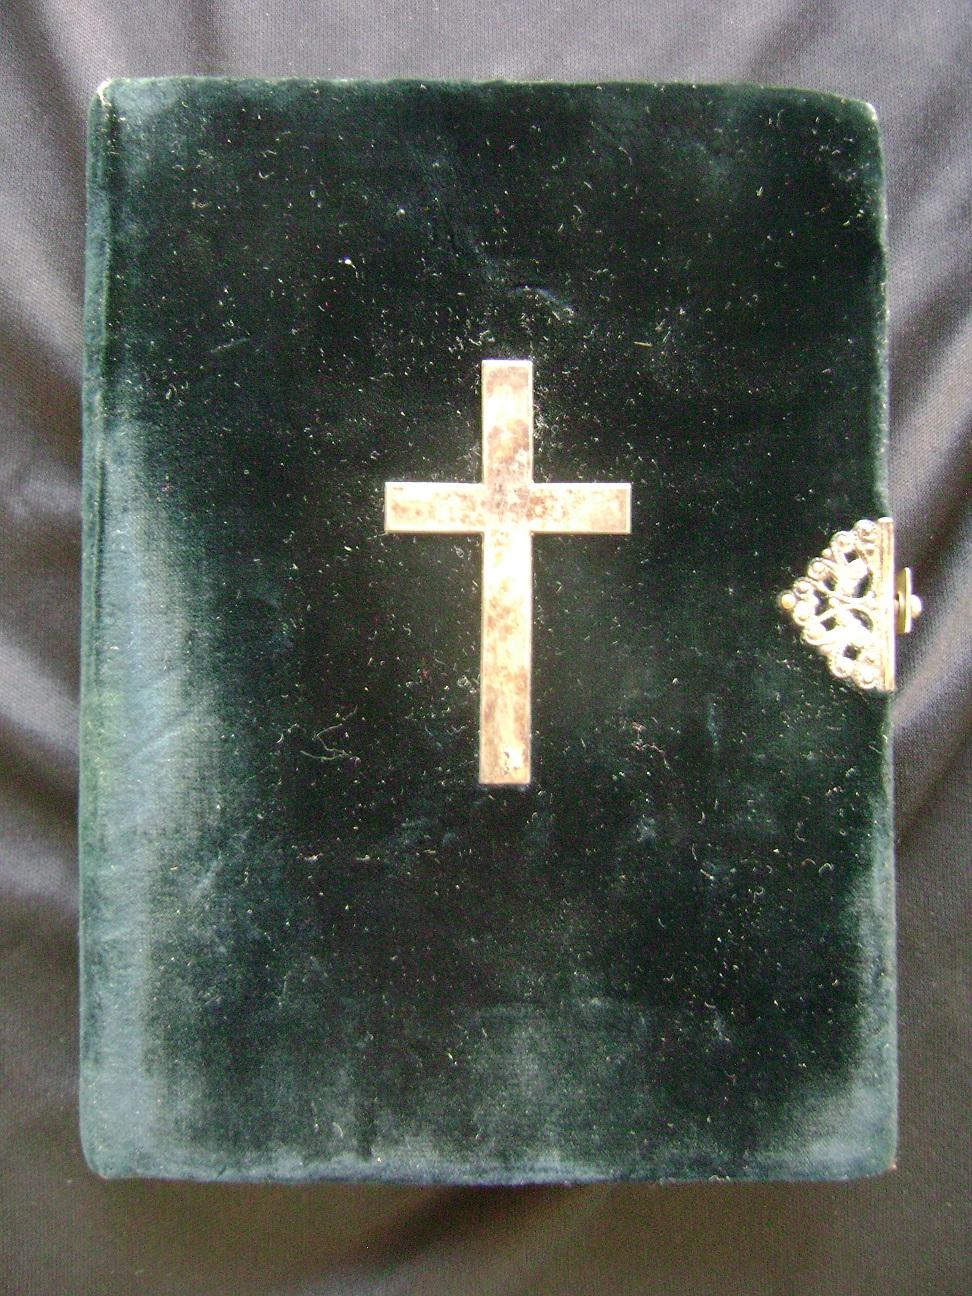 Pobozna_razmisljanja_pri_slusanju_svete_liturgije_1889_1.JPG